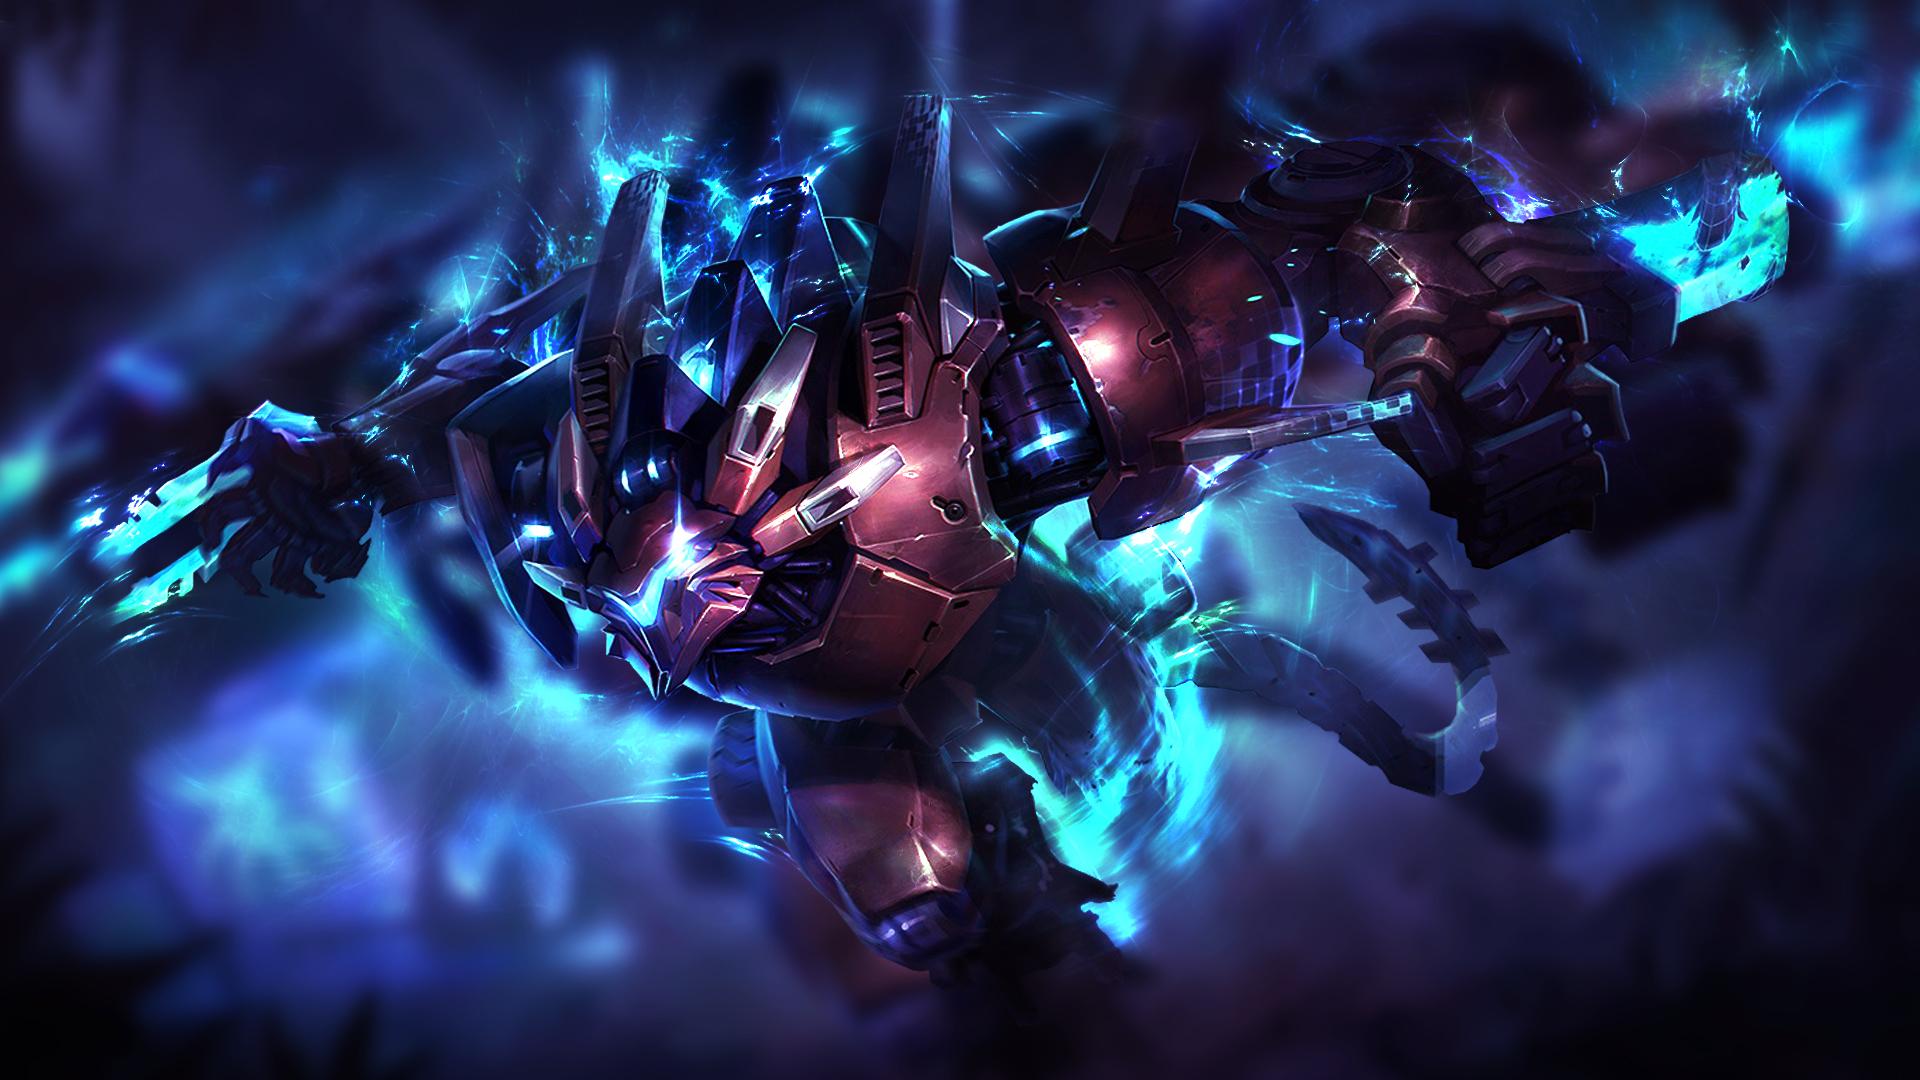 League Of Legends Mecha Rengar Wallpaper By Mr Booker On